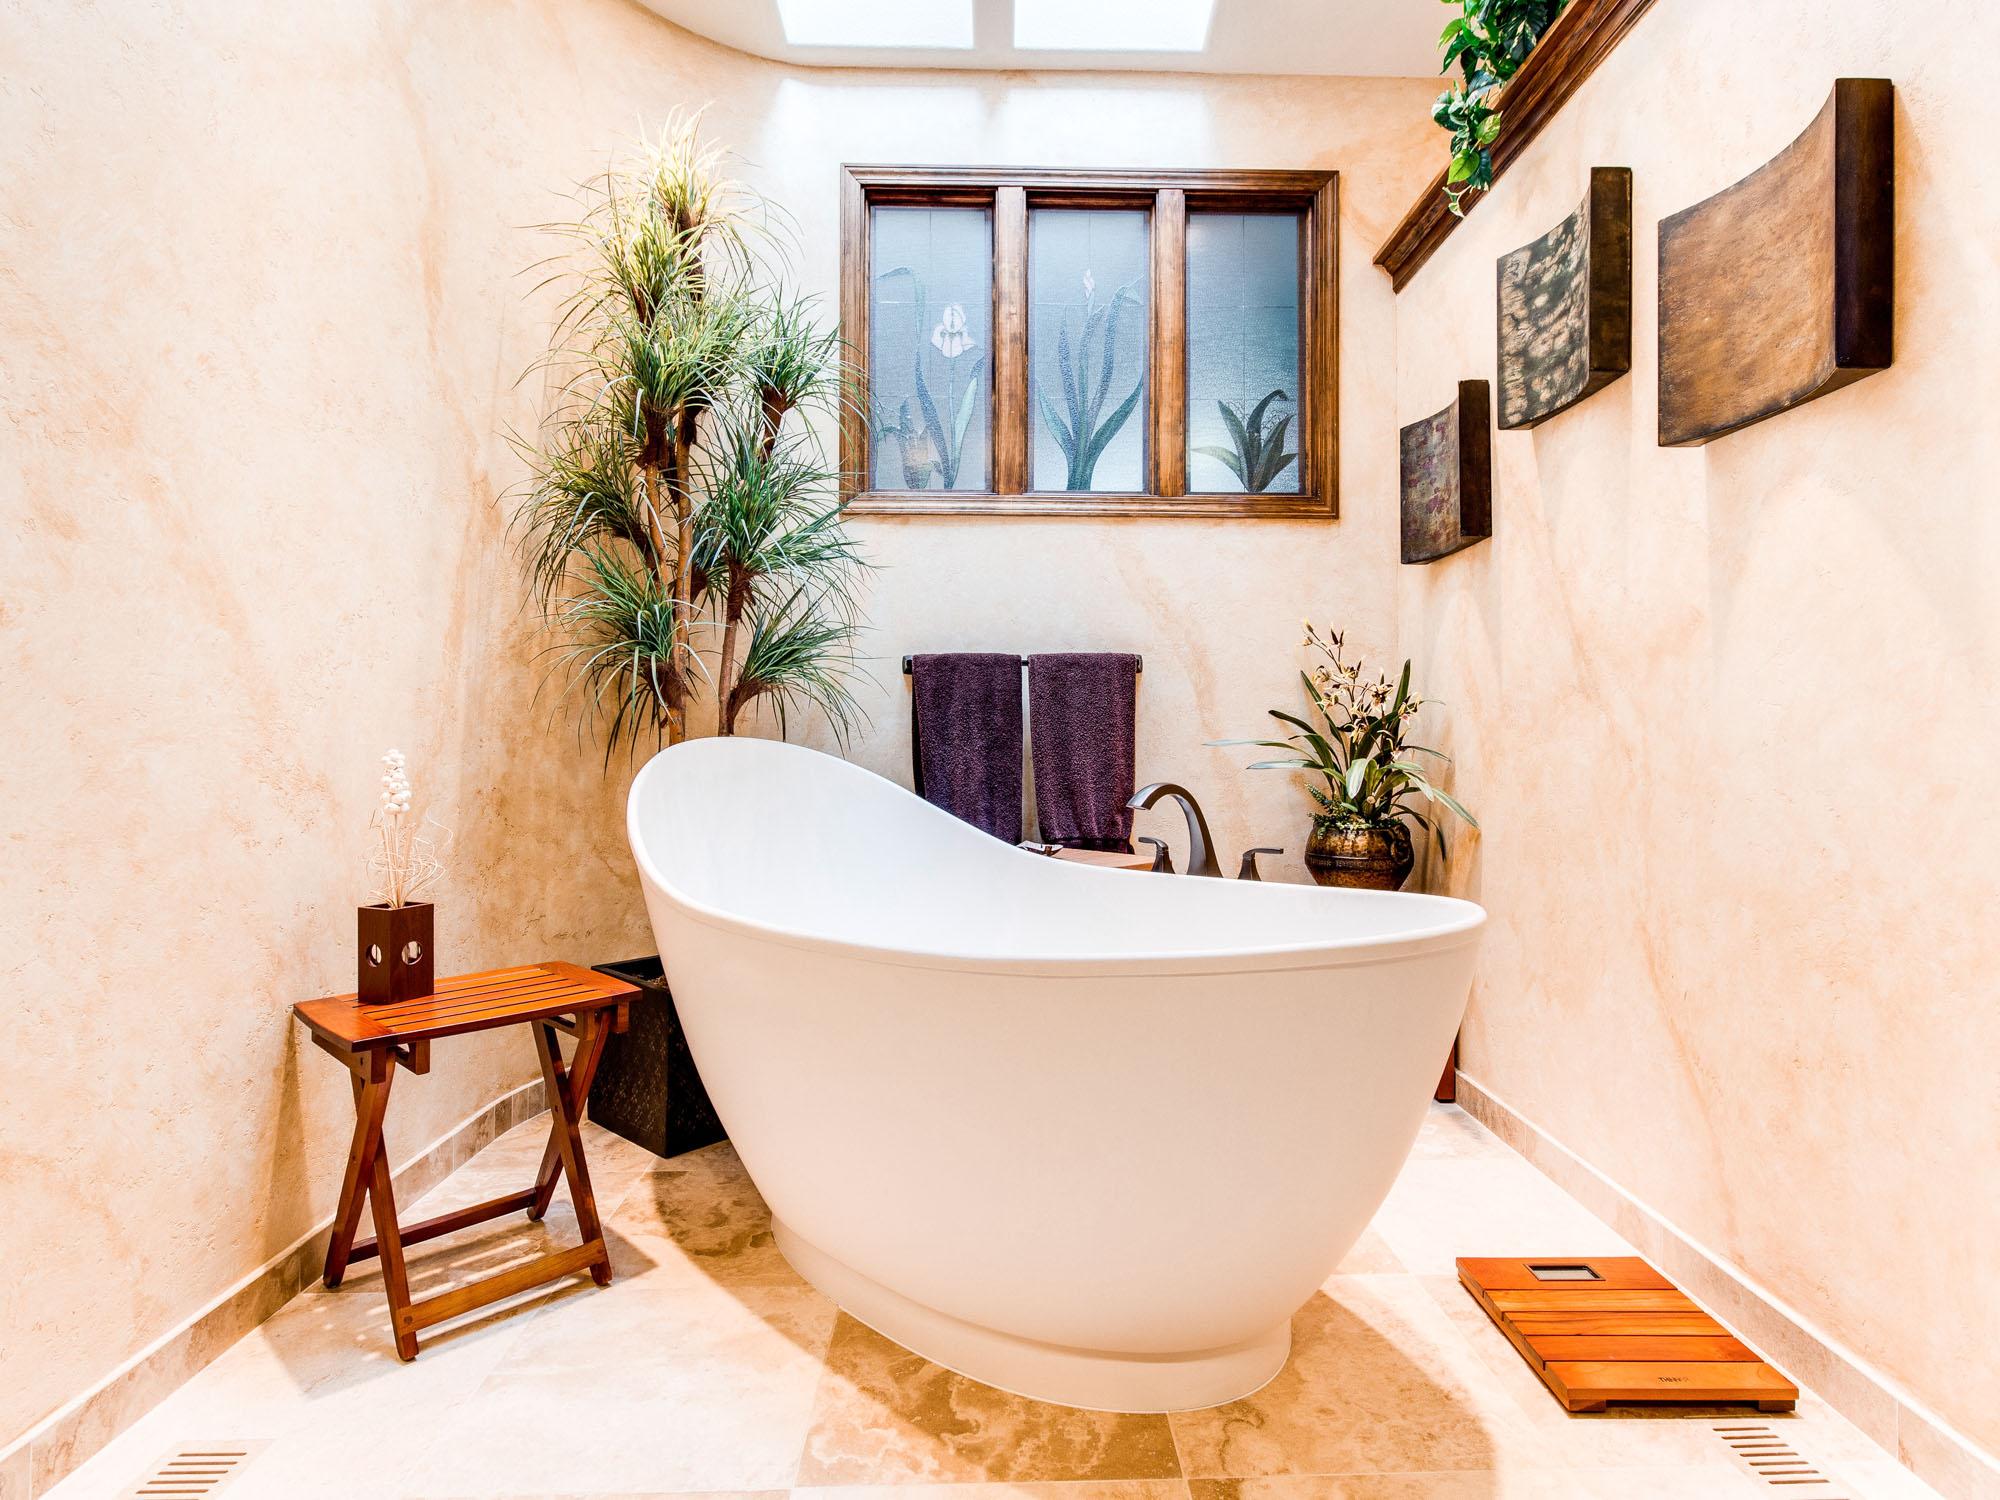 Bañera independiente, tendencias de decoración para el baño en Barcelona